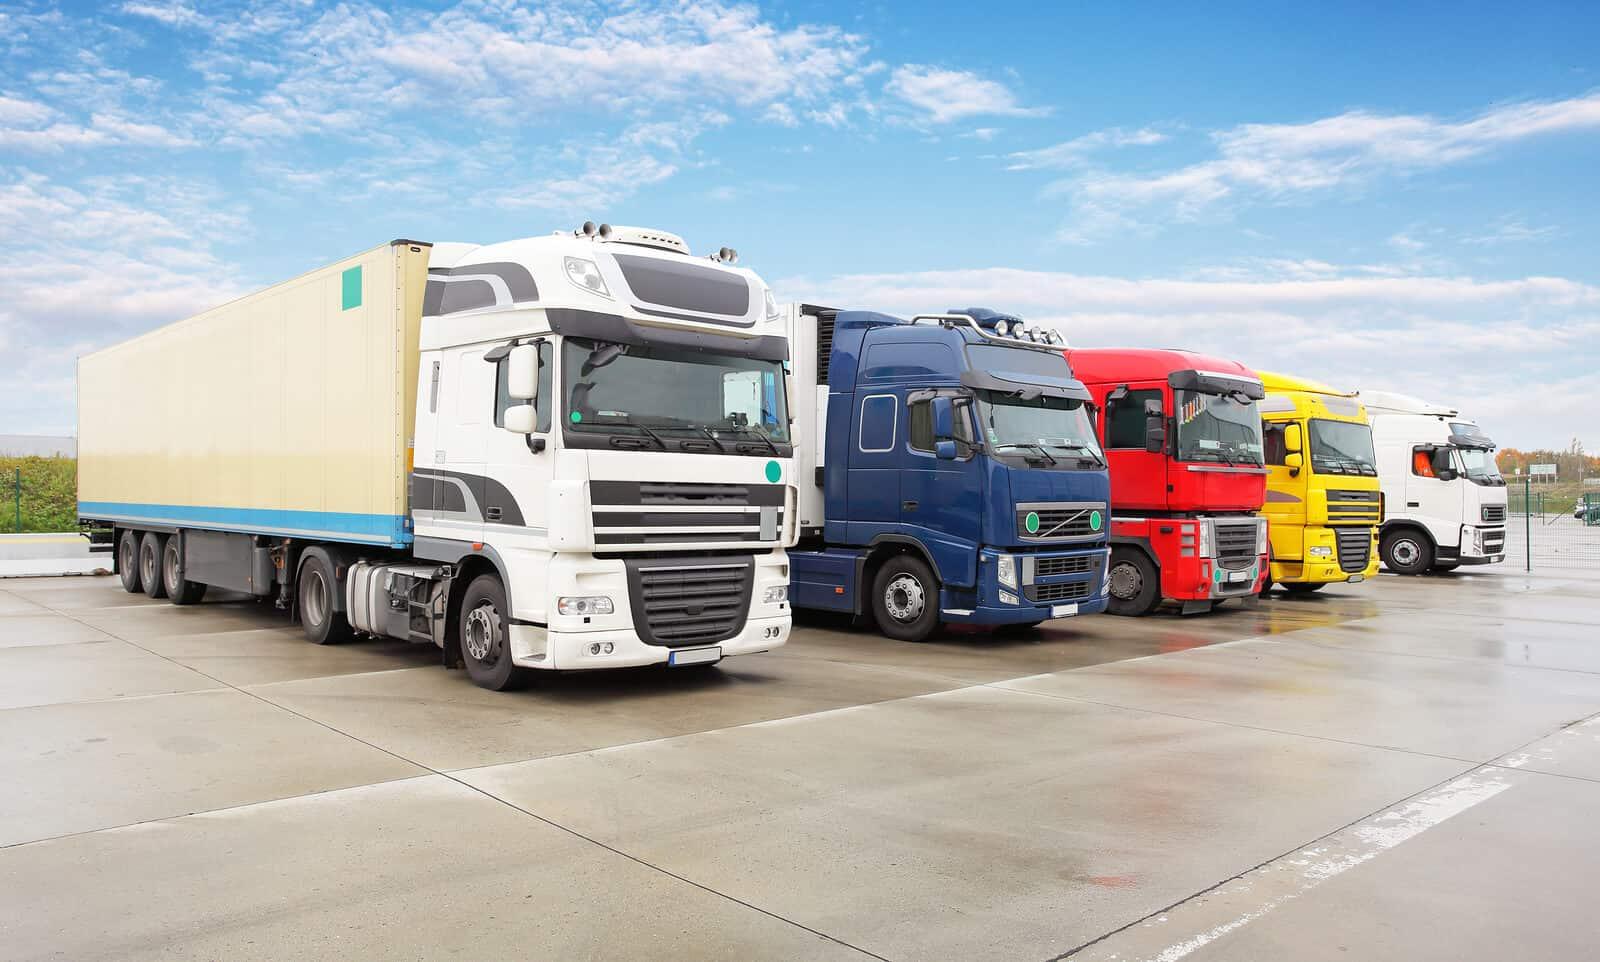 HGV trucks in line